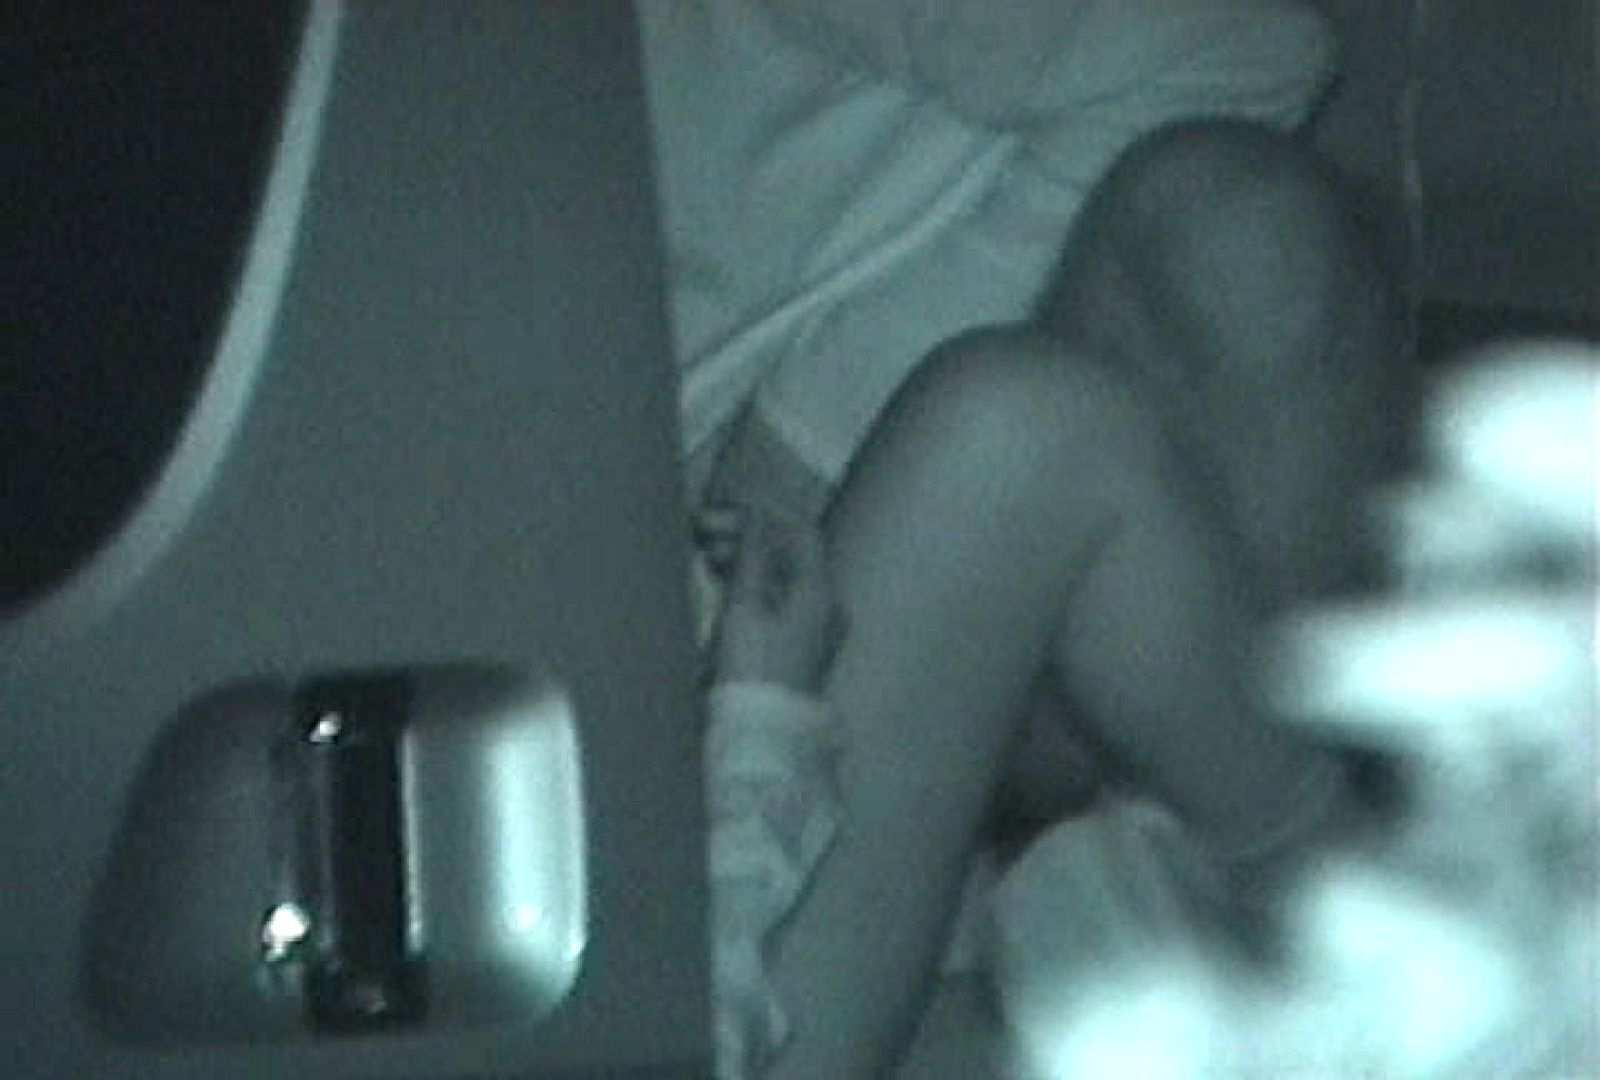 充血監督の深夜の運動会Vol.45 女子風呂盗撮 オメコ動画キャプチャ 101画像 59